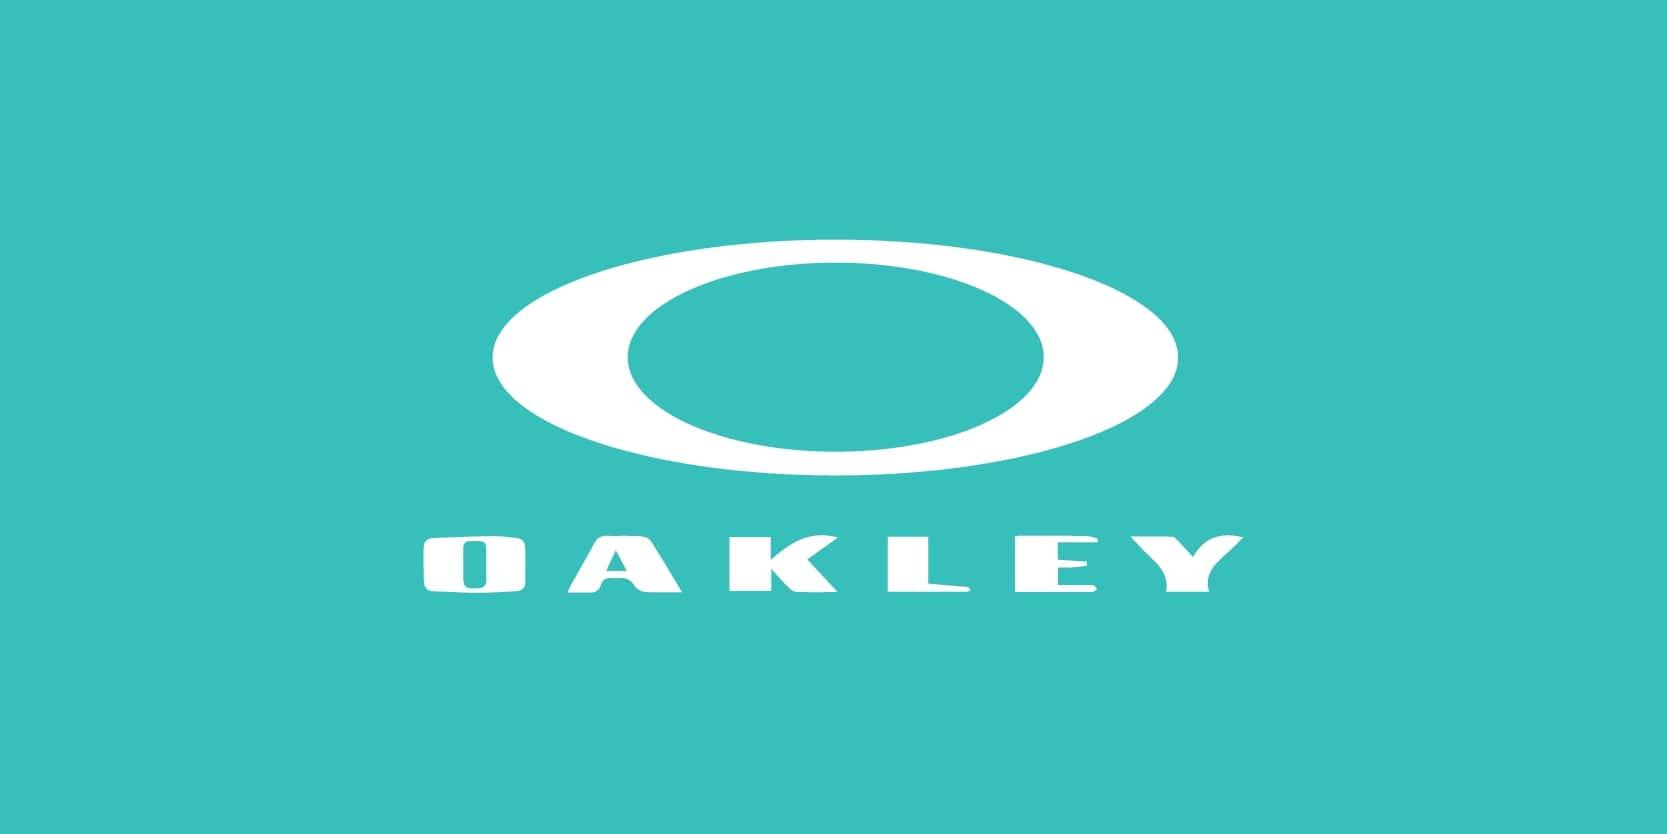 Brand - Oakley Eyewear